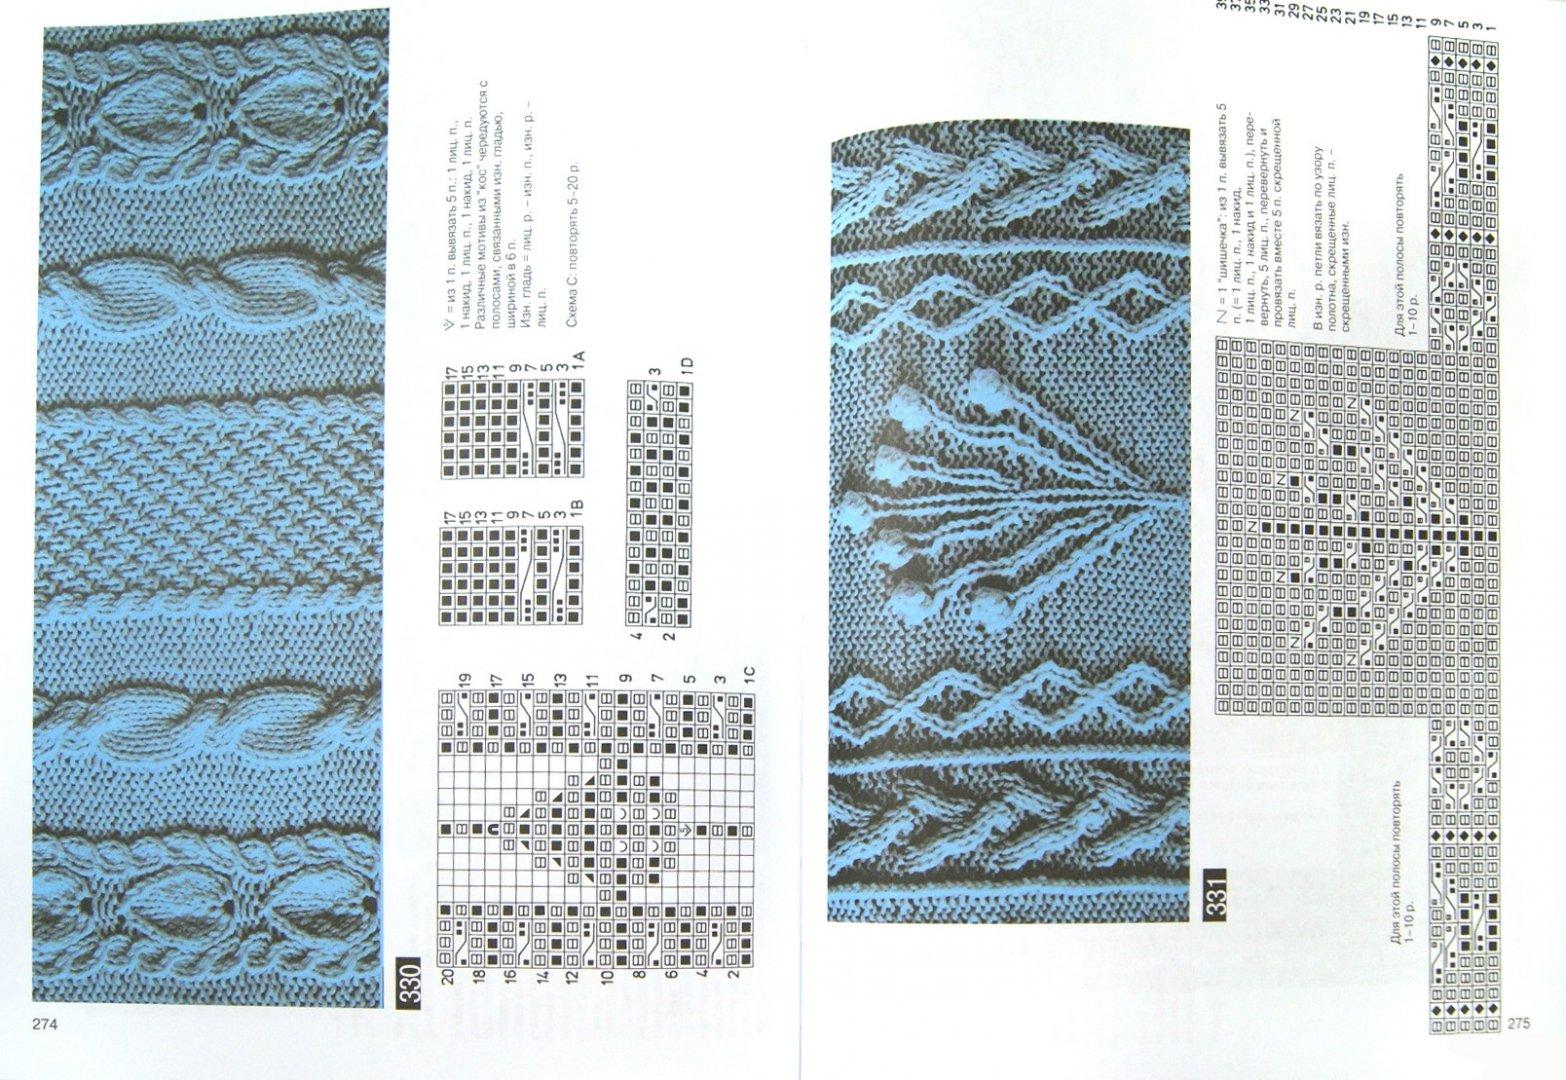 Иллюстрация 1 из 34 для Волшебный клубок. 1500 узоров для вязания крючком | Лабиринт - книги. Источник: Лабиринт